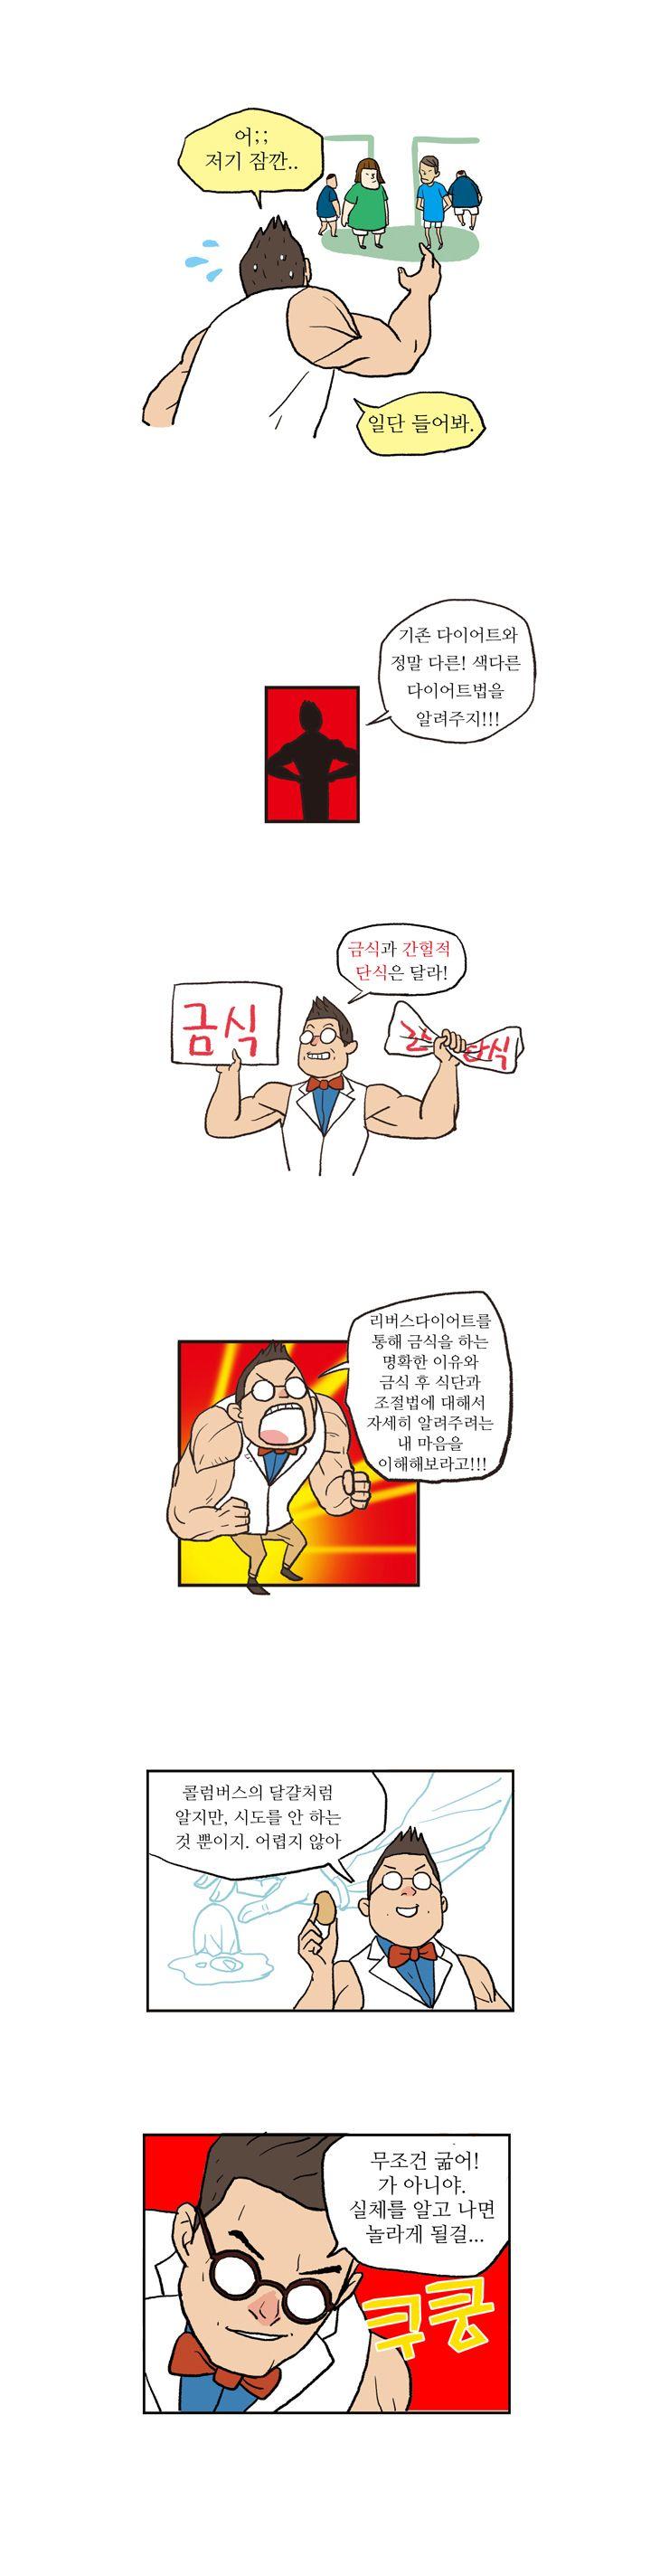 22화, 금식으로 몸을 재정비하는 `리버스 다이어트`!